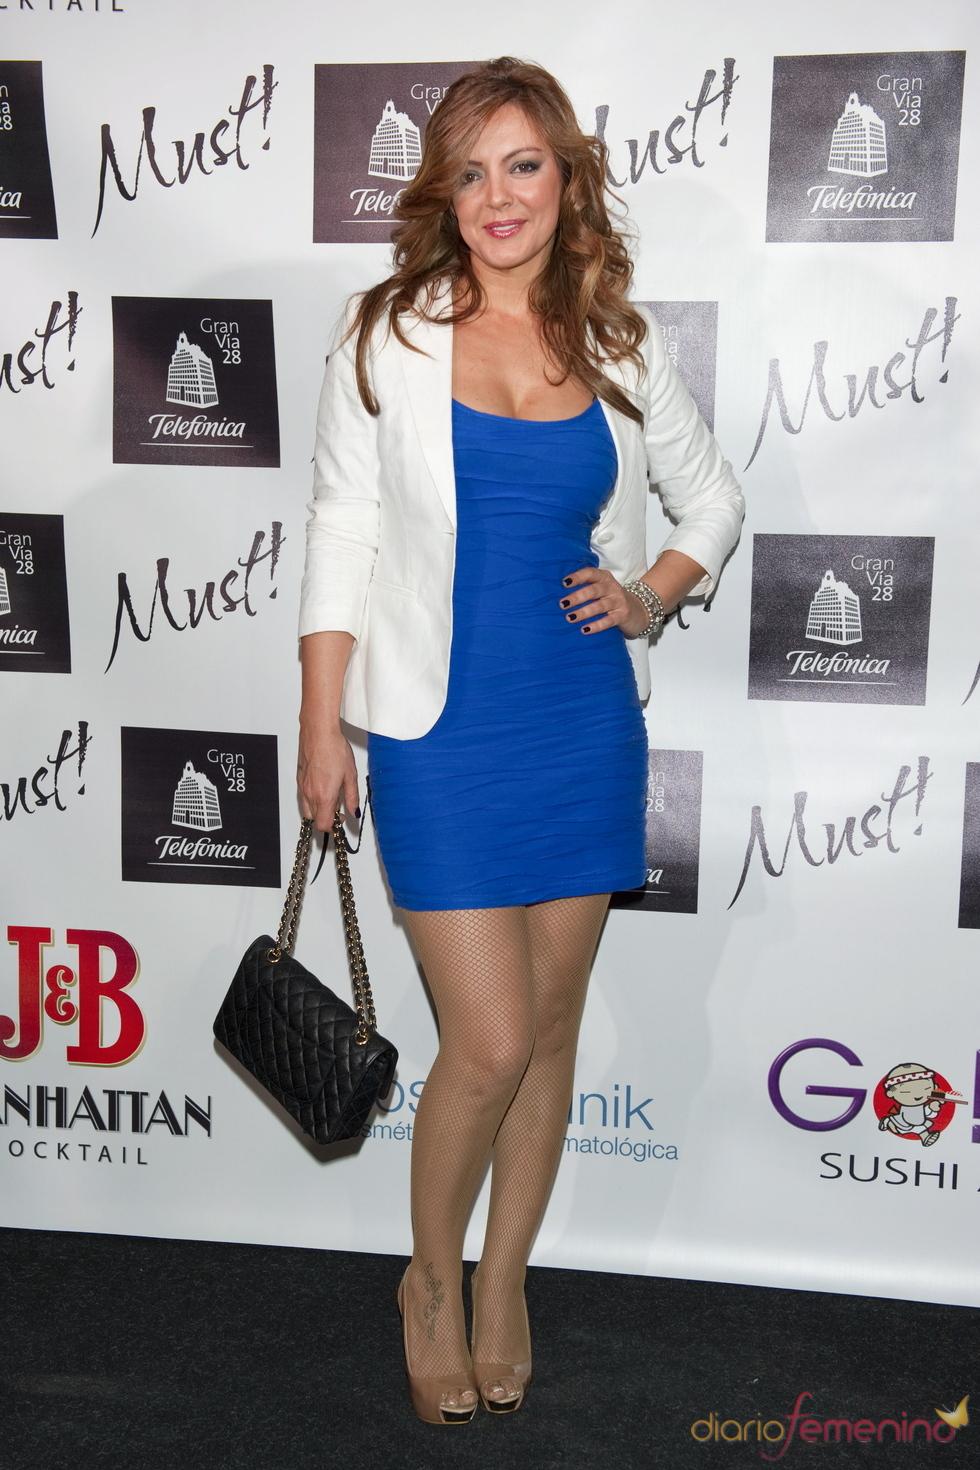 Merche en la gala de los premios Must 2011